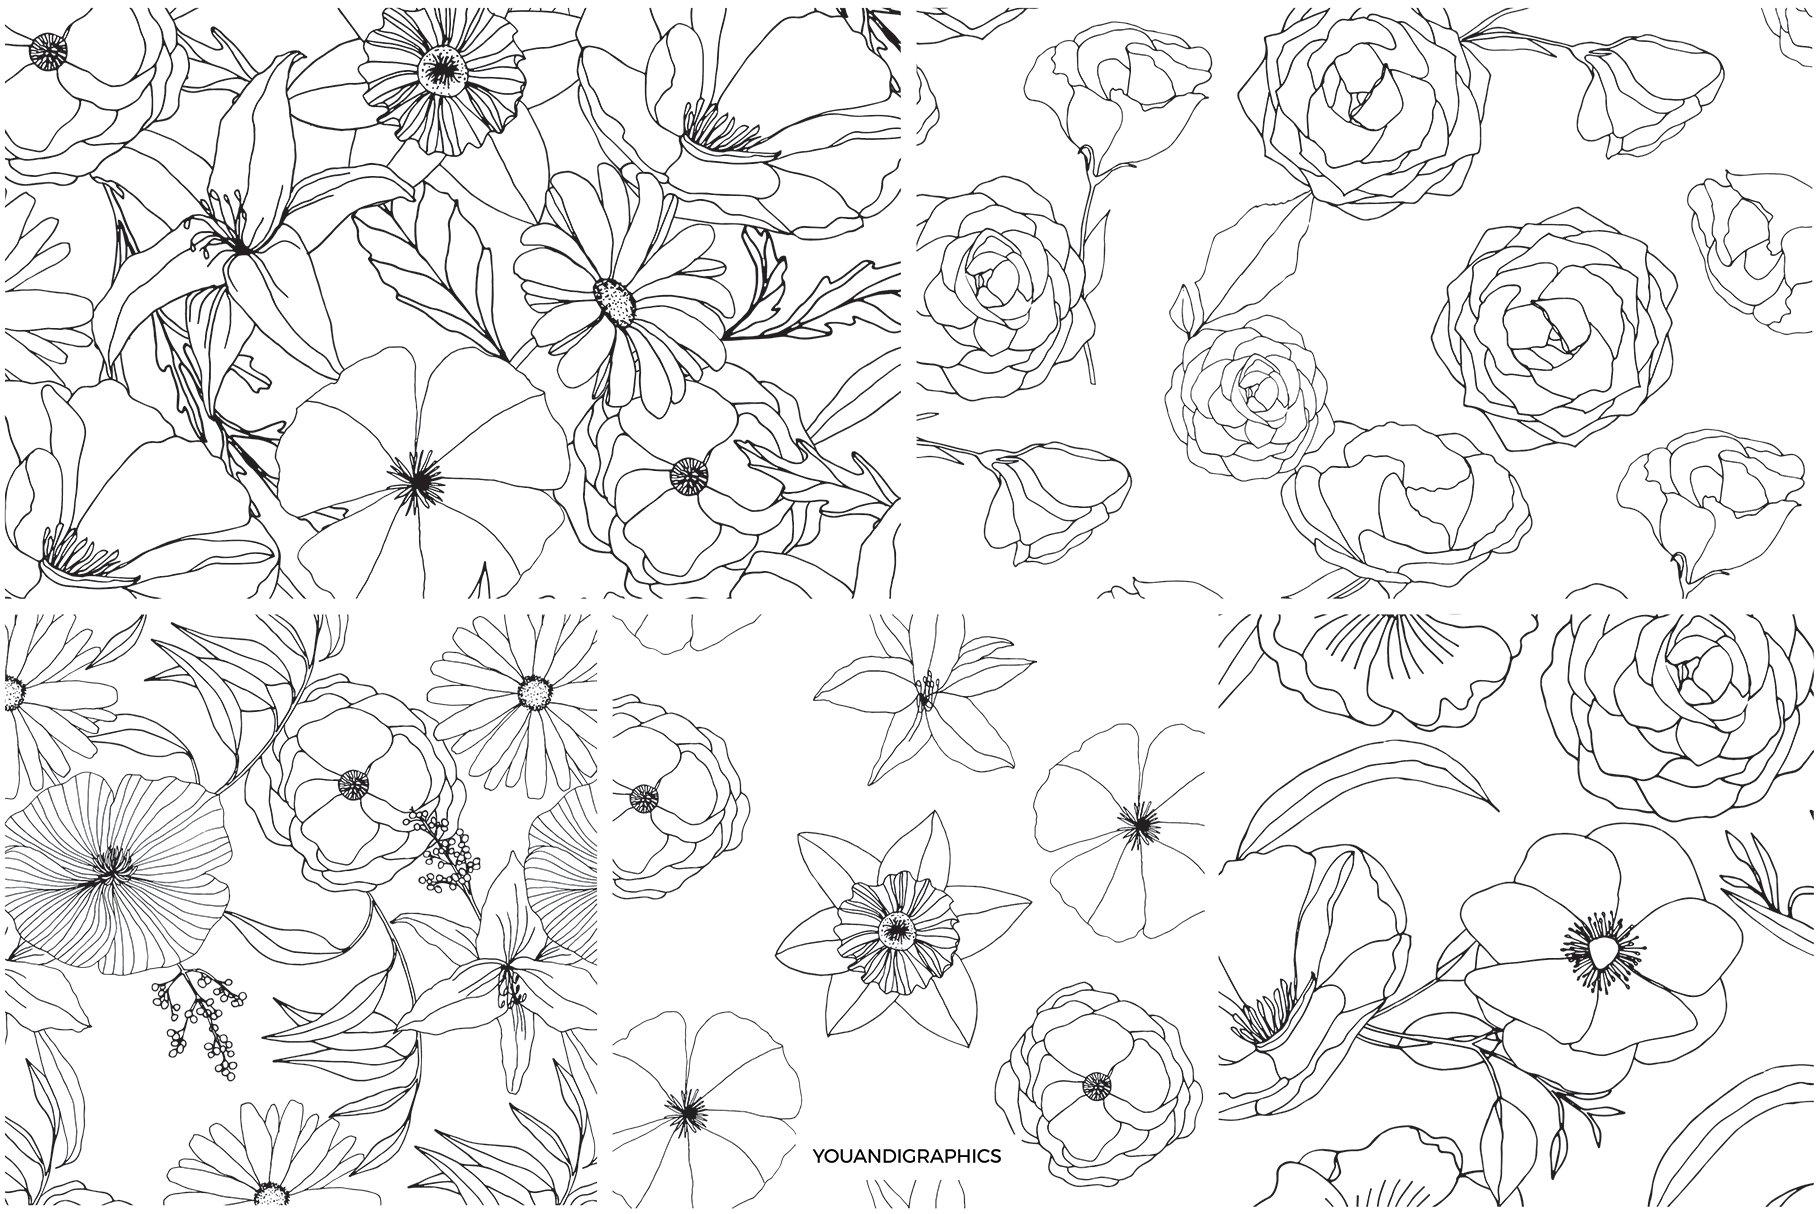 精美手绘花卉花朵无缝隙矢量线稿图案素材 Floral Blast Patterns And Bouquets插图(9)